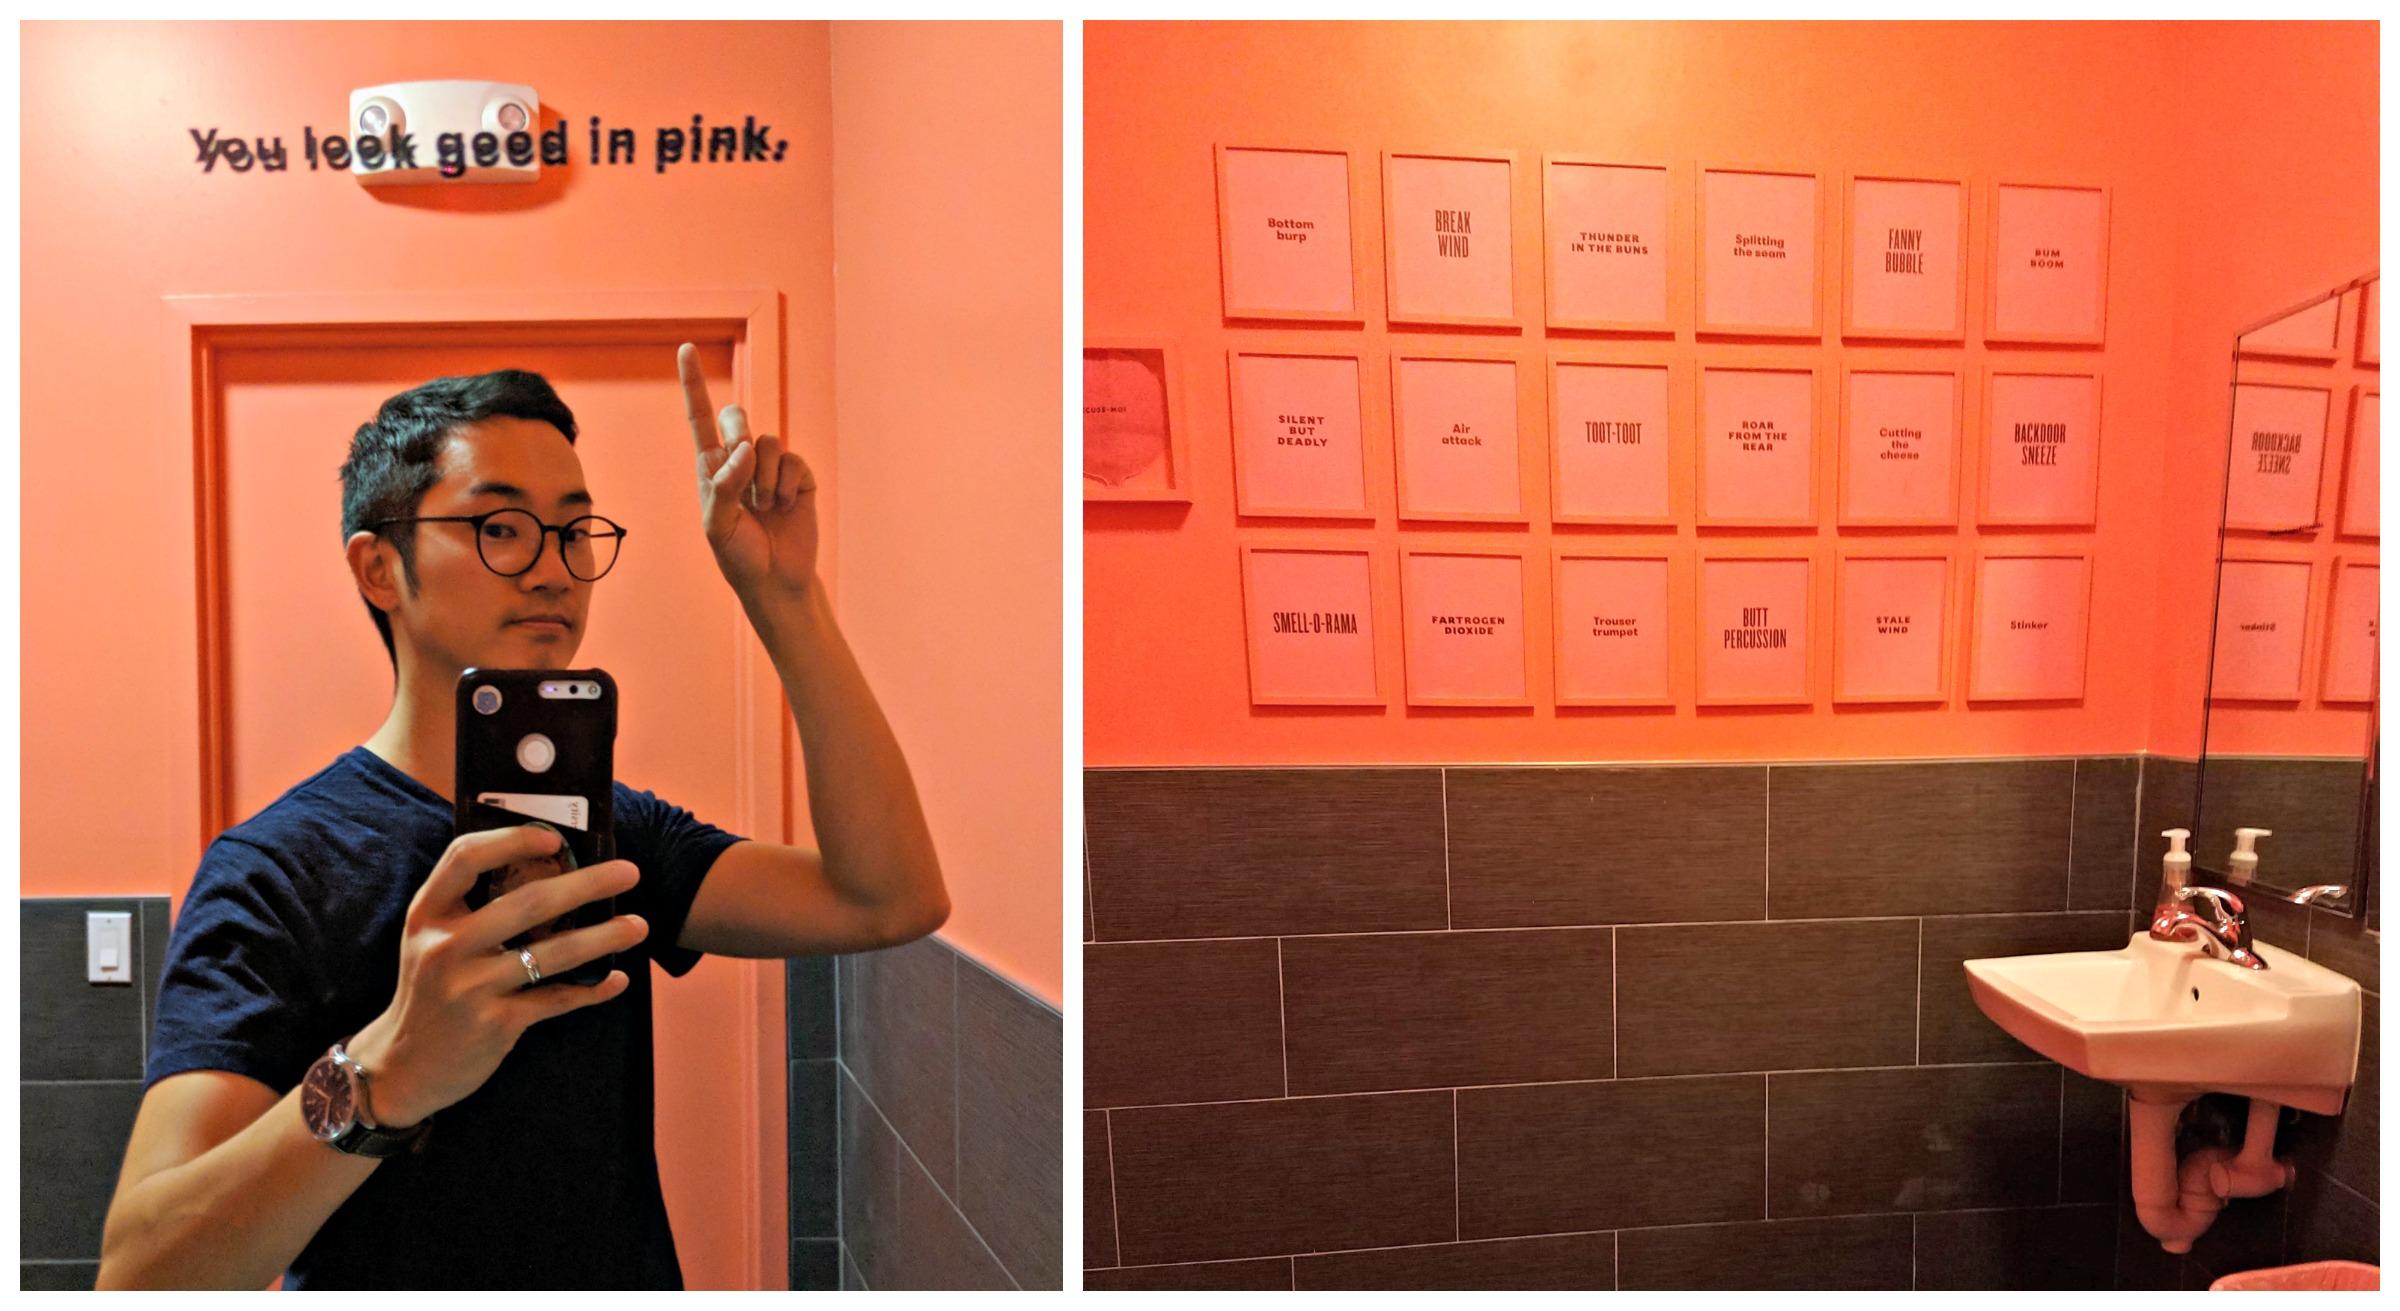 화장실마저 핑크핑크